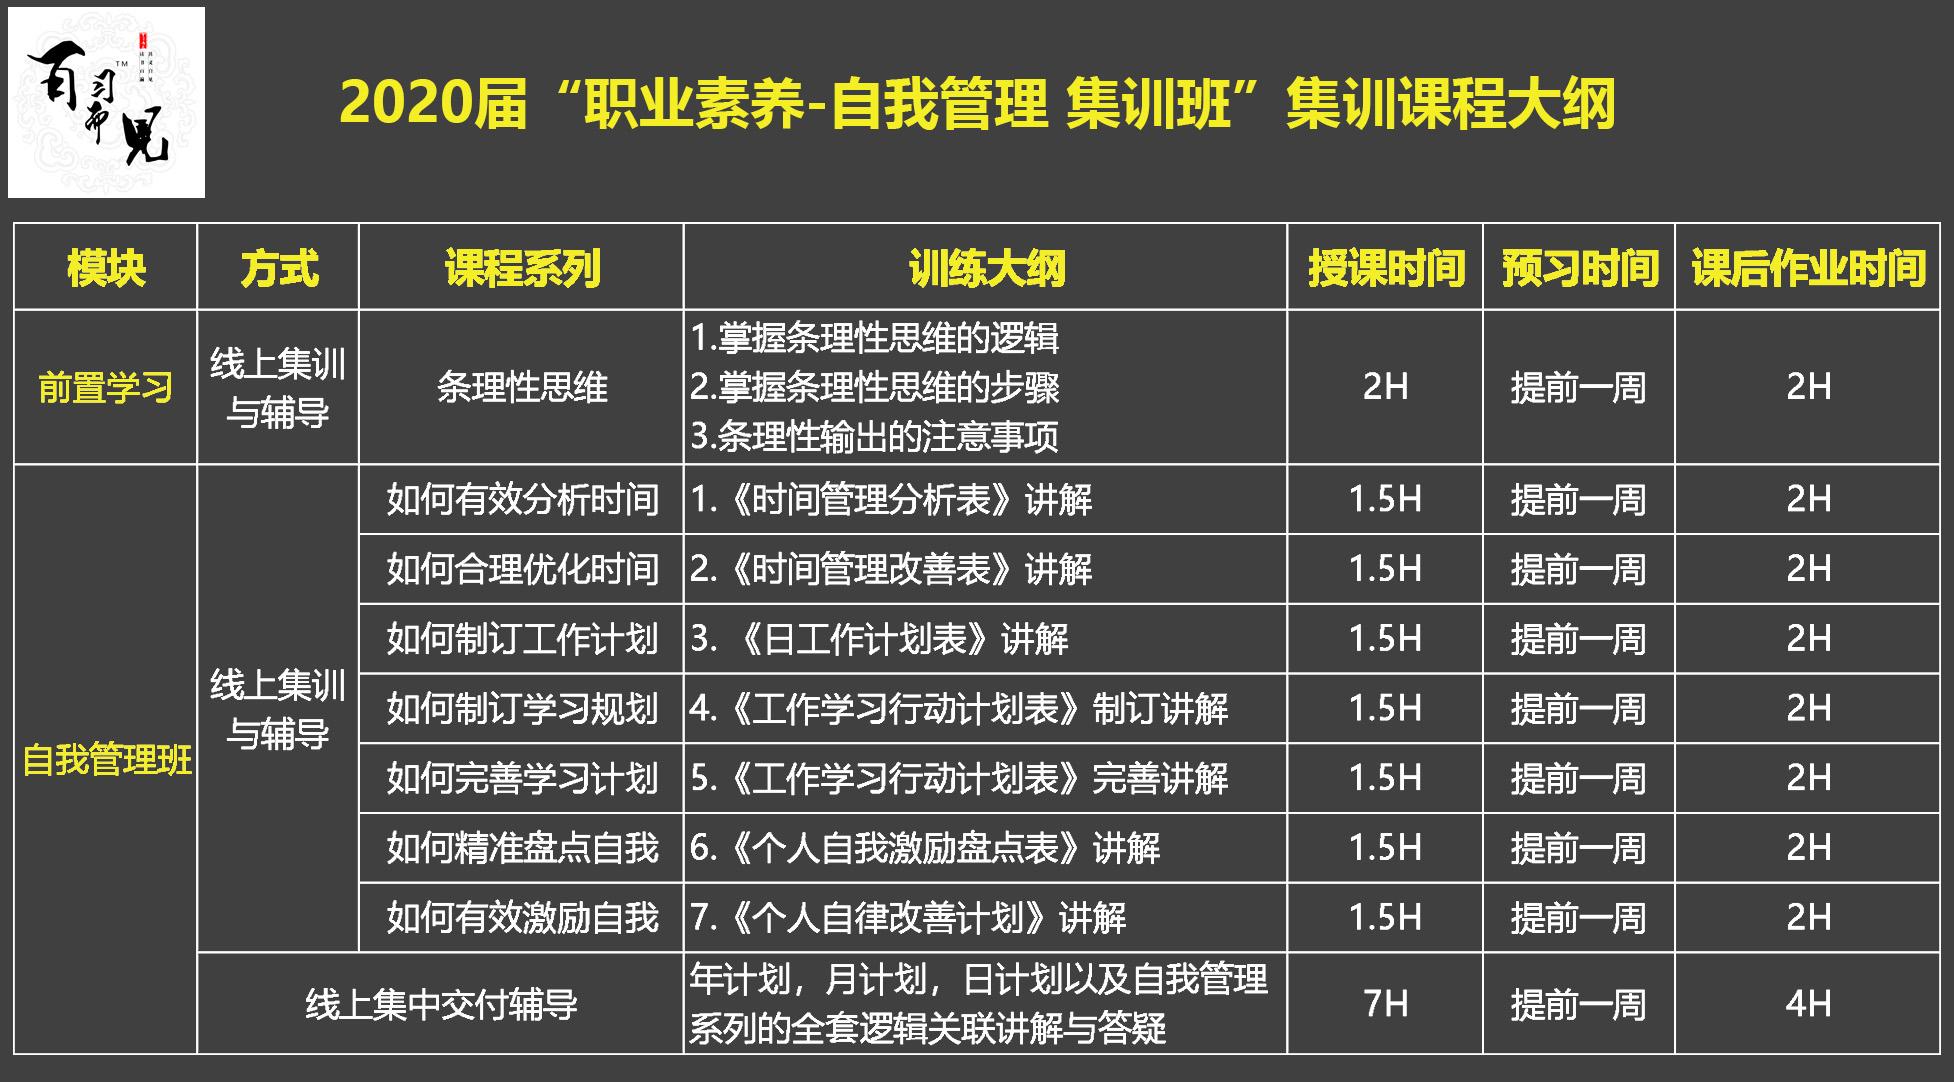 """2020届""""职业素养-自我管理 集训班""""集训课程大纲.jpg"""